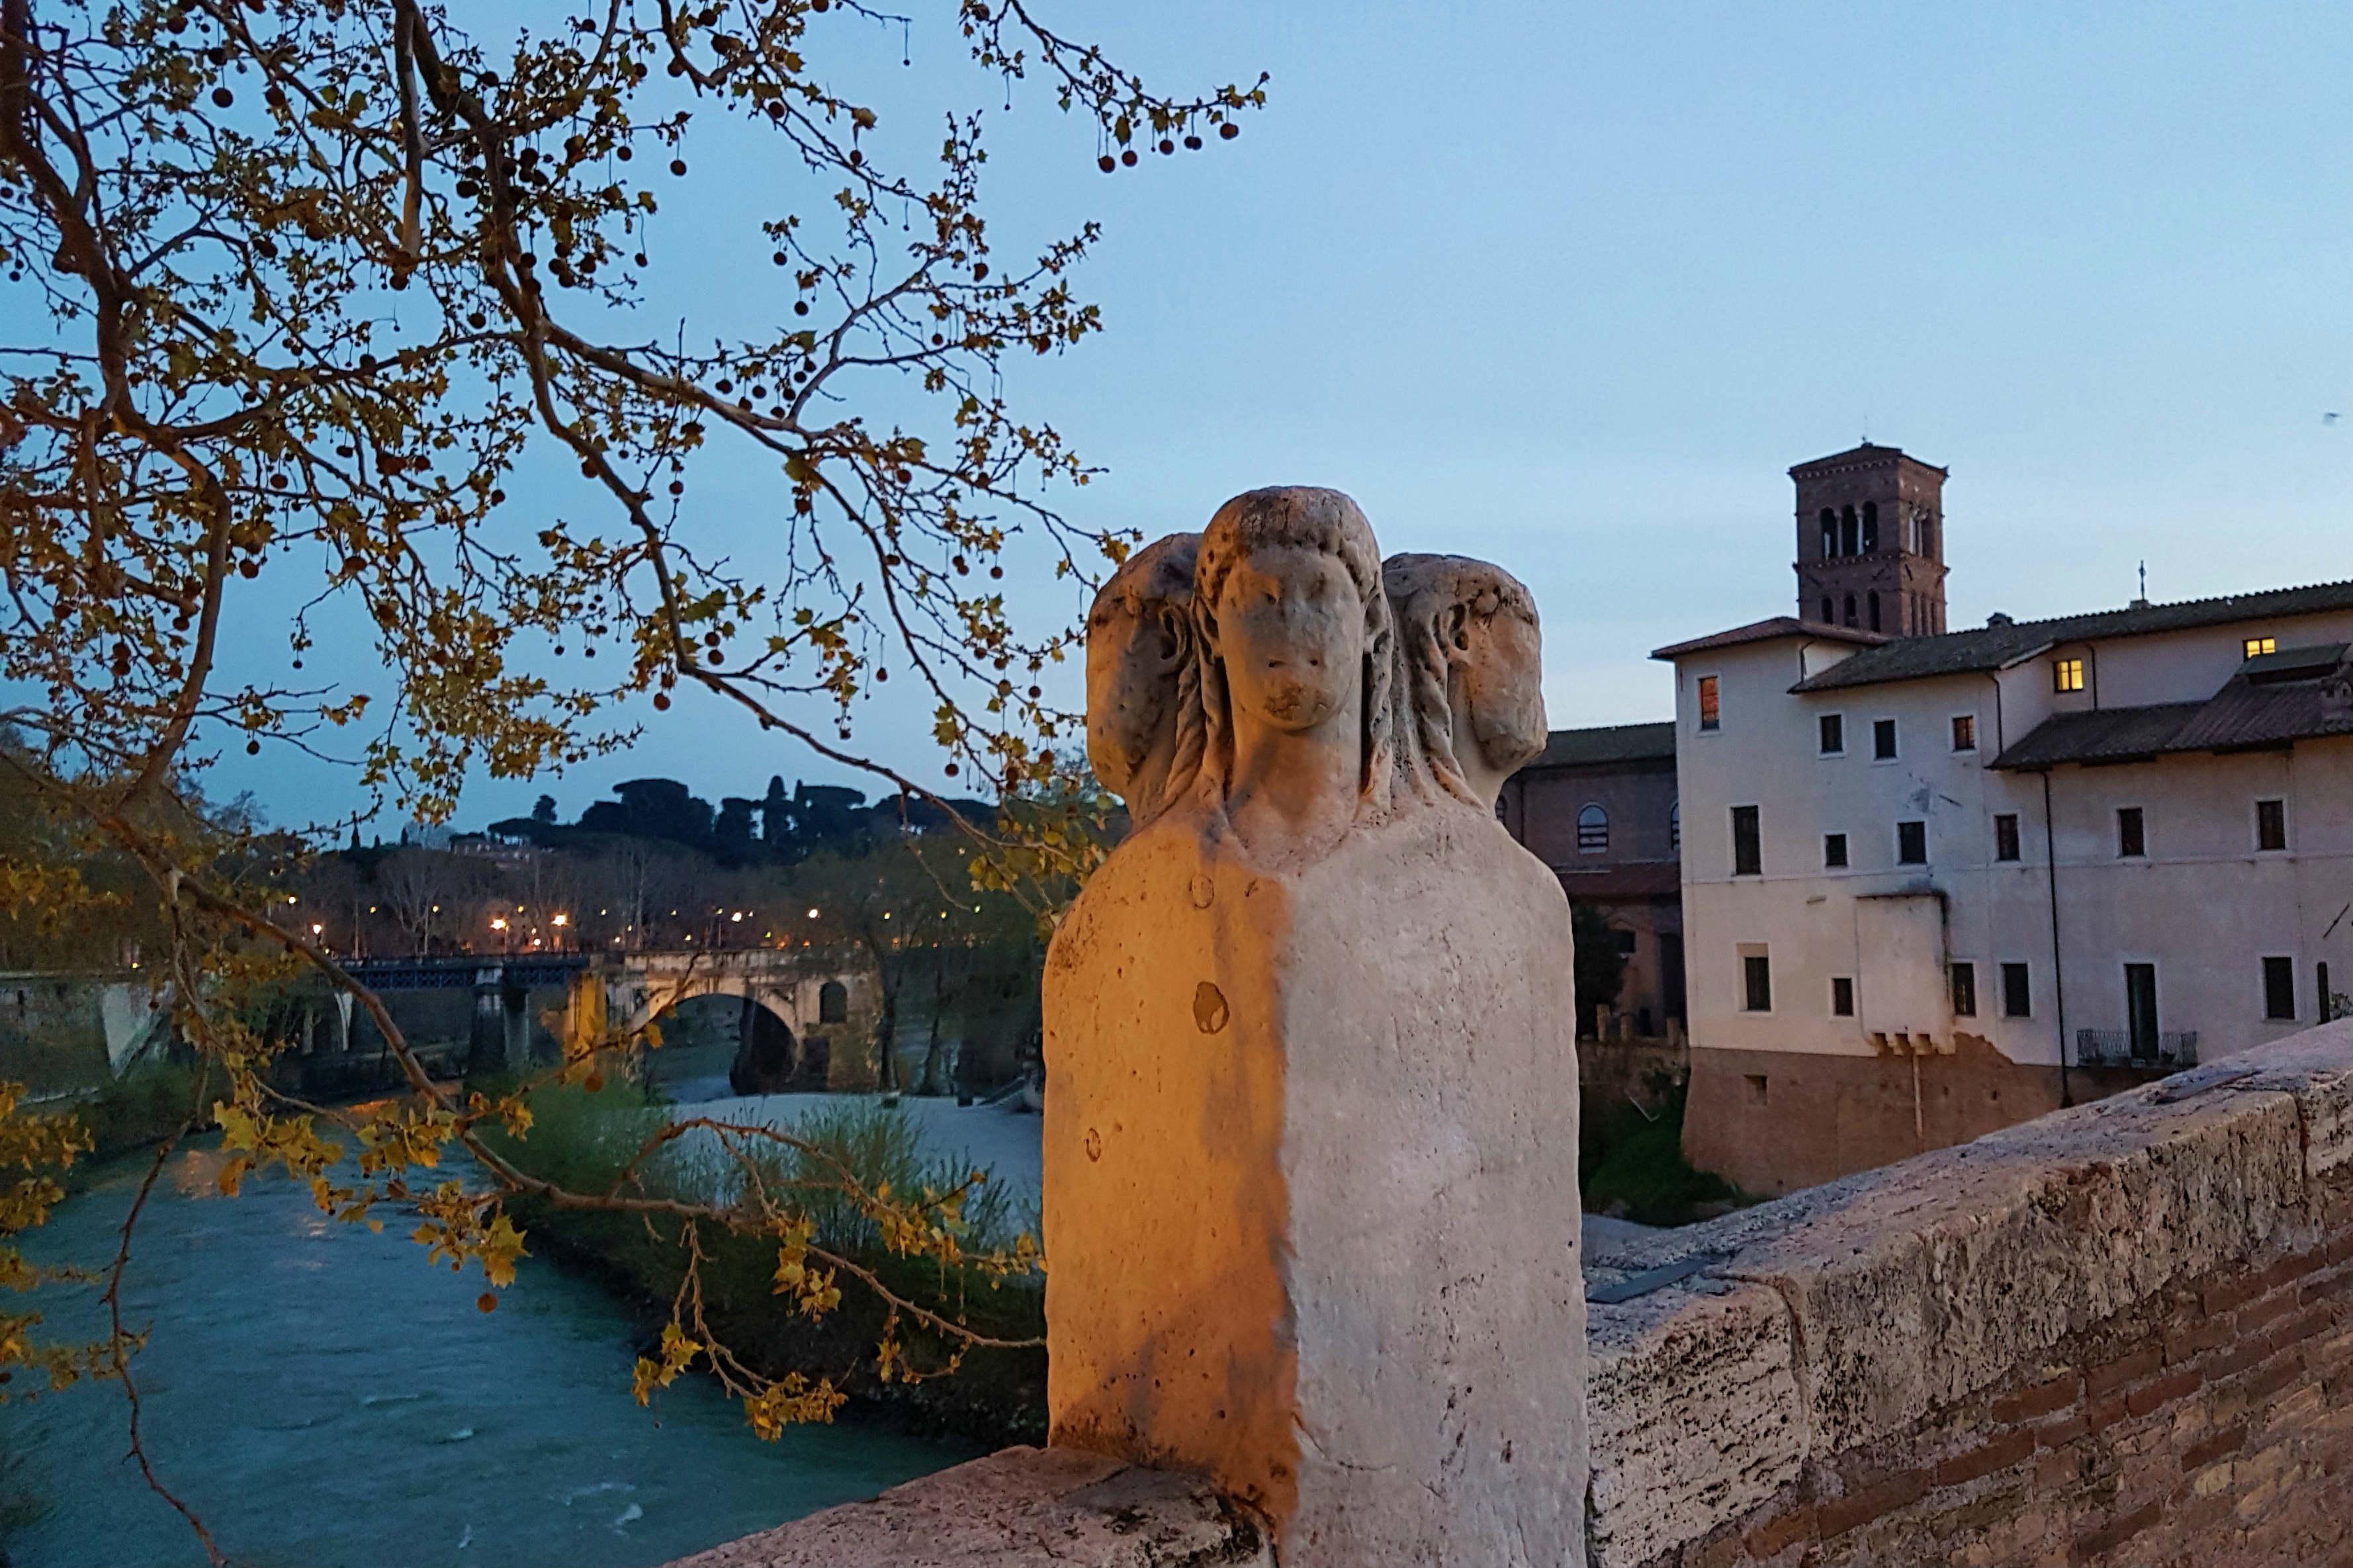 Tiber Island Ponte Fabricious